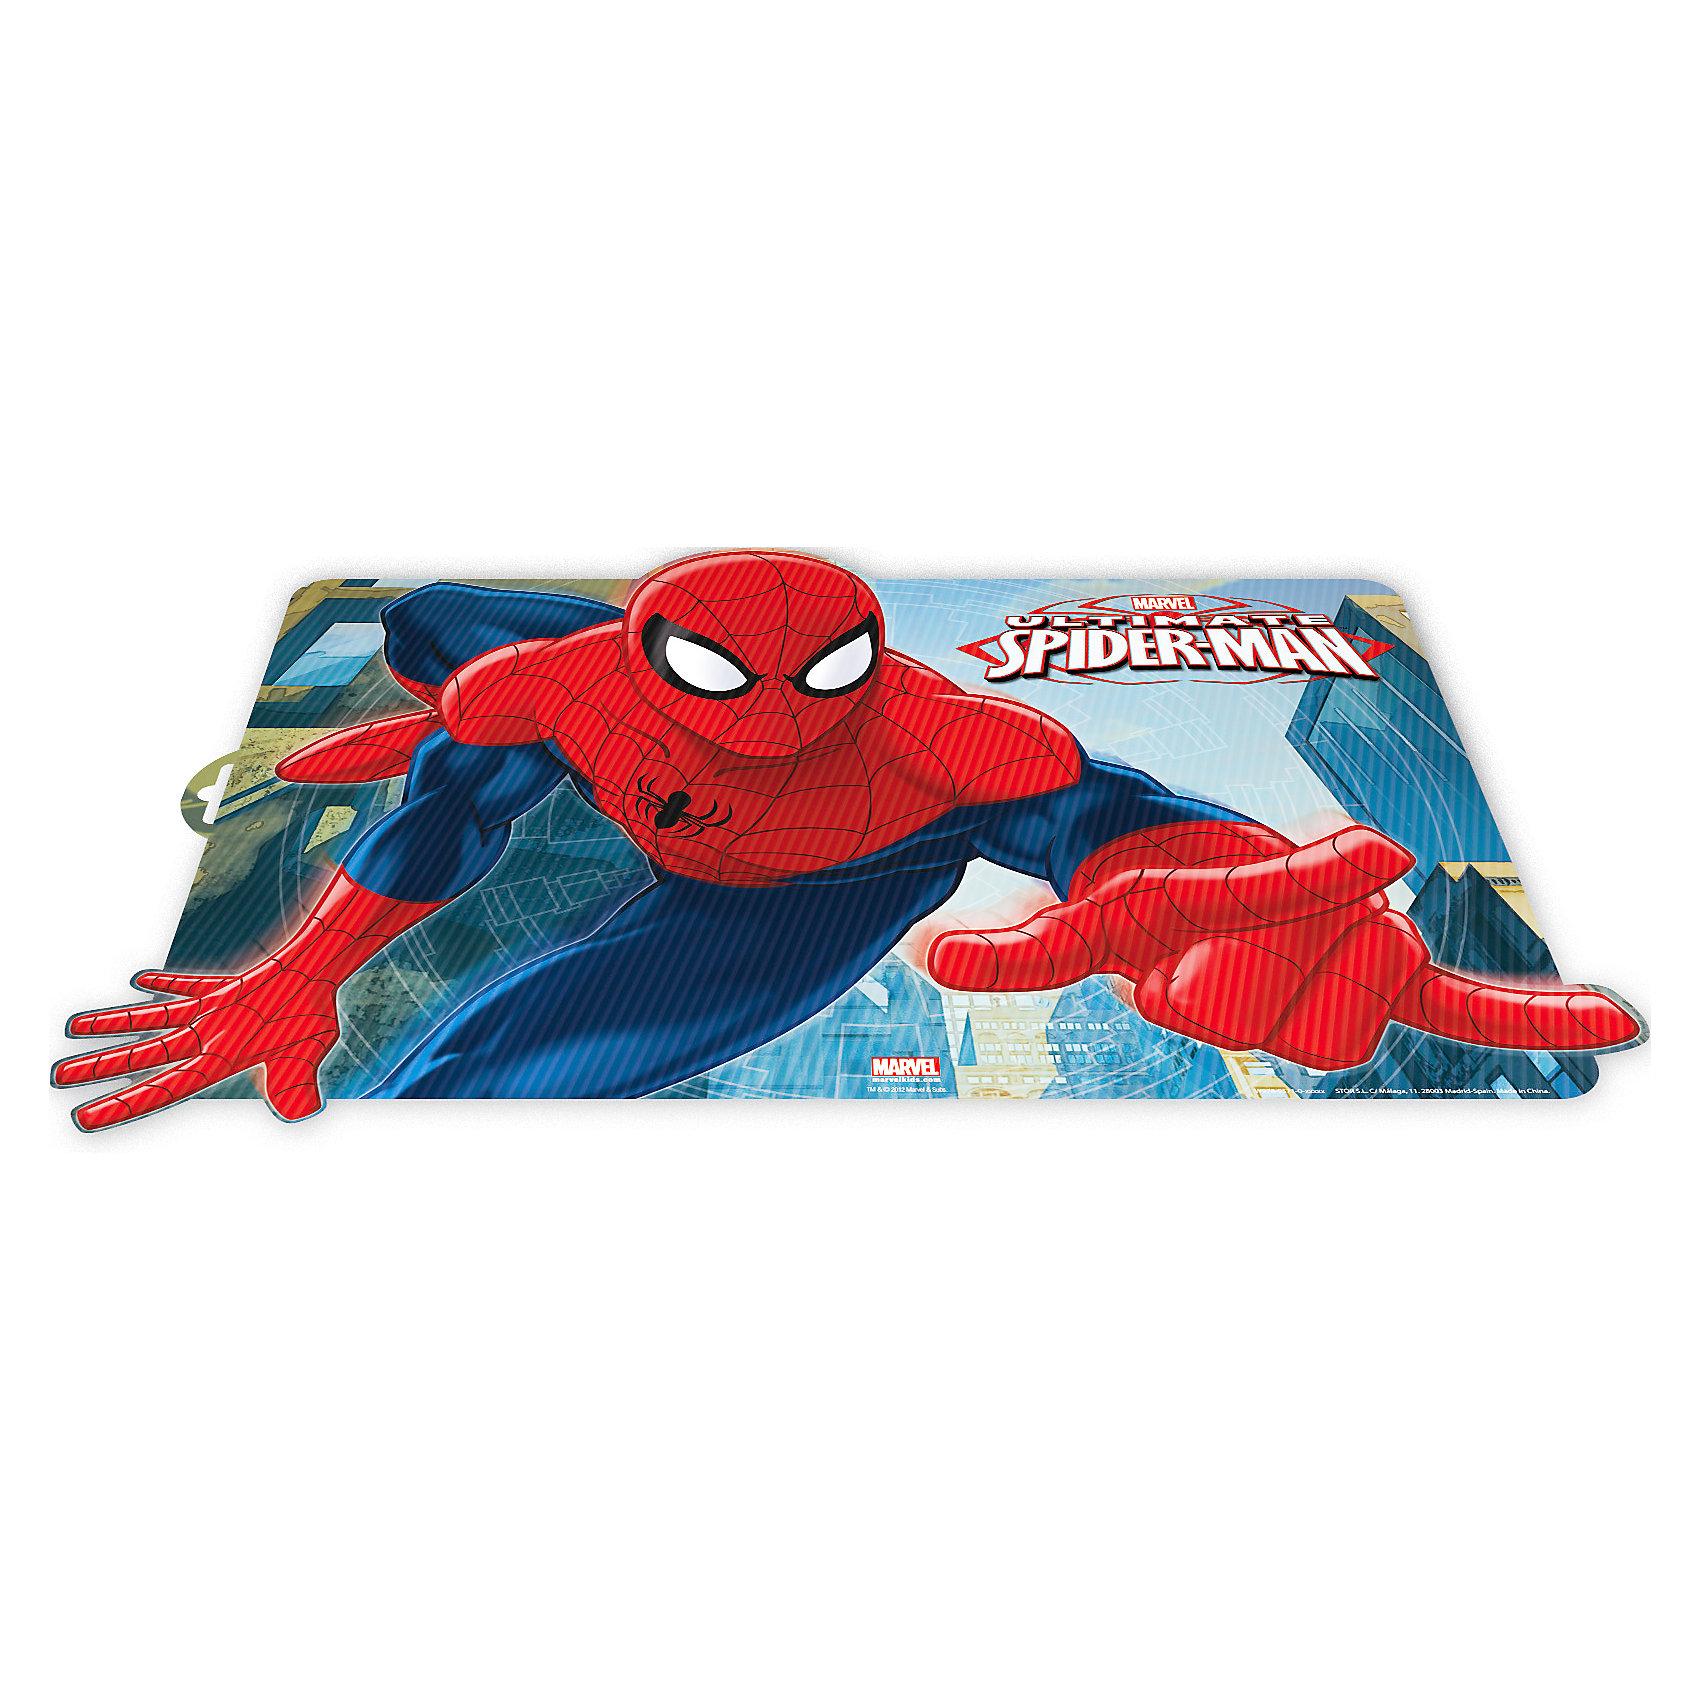 3D-салфетка Человек-Паук 44*29,5 смЧеловек-Паук<br>3D-салфетка Человек-Паук 44*29,5 см - эта салфетка не только украсит стол, но и защитит его от различных повреждений.<br>Термосалфетка под столовые приборы, оформленная 3D рисунком с изображением Человек Паука идеально впишется в интерьер любой кухни. Она будет незаменимым и полезным аксессуаром, так как защитит поверхность столешницы от воздействия высоких температур и повреждений, и уменьшит шум от посуды. Ваш стол будет украшен яркой красочной салфеткой, а оригинальный рисунок поднимет аппетит и настроение вам и вашему ребенку! Салфетка проста в уходе, легко моется и быстро сохнет. Обладает отличной износостойкостью и водонепроницаемостью.<br><br>Дополнительная информация:<br><br>- Размер: 44х29,5 см.<br>- Материал: термоустойчивый, экологически чистый полипропилен<br><br>3D-салфетку Человек-Паук 44*29,5 см можно купить в нашем интернет-магазине.<br><br>Ширина мм: 490<br>Глубина мм: 330<br>Высота мм: 50<br>Вес г: 49<br>Возраст от месяцев: 36<br>Возраст до месяцев: 144<br>Пол: Мужской<br>Возраст: Детский<br>SKU: 4603877